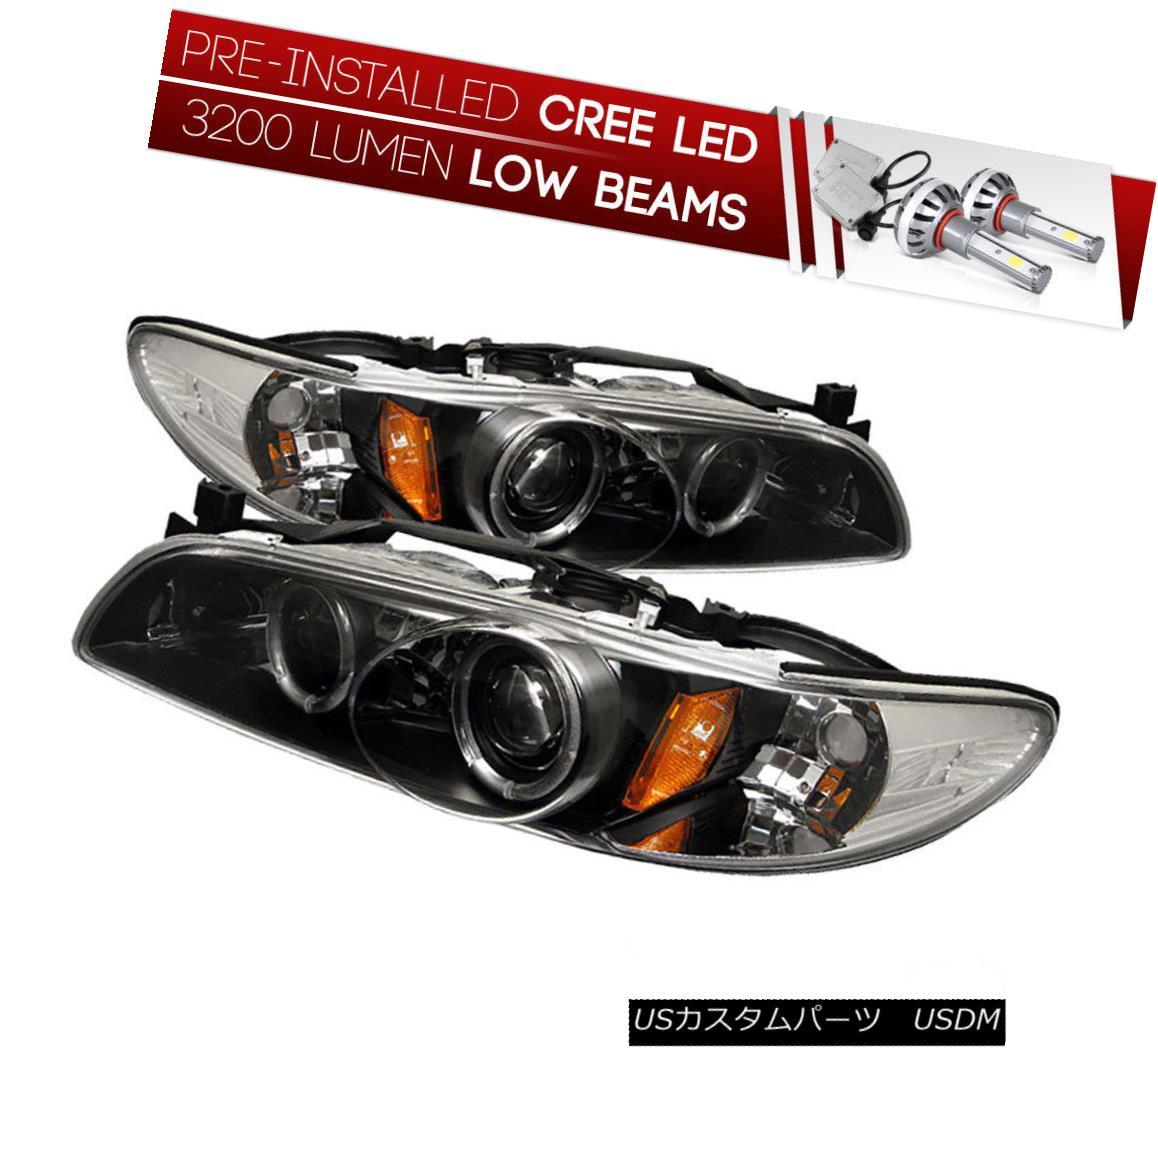 ヘッドライト [CREE LED Bulb Installed] 97-03 Grand Prix Black Dual Halo Projector Headlight [CREE LED Bulbをインストール] 97-03グランプリブラックデュアルヘイロープロジェクターヘッドライト